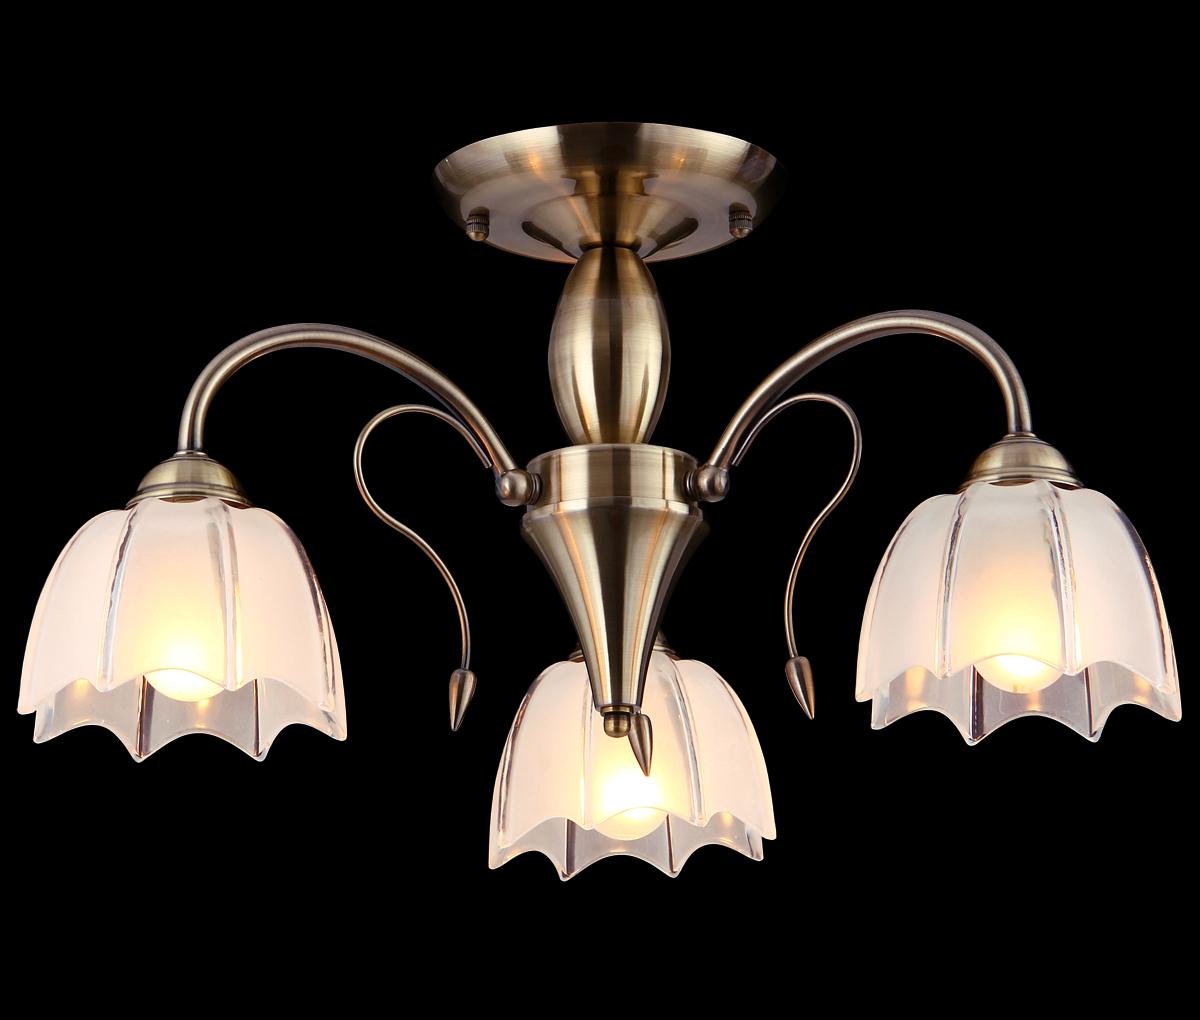 Люстра Natali Kovaltseva, 3 x E14, 60W. 10710/3C10710/3C ANTIQUEЛюстра Natali Kovaltseva, выполненная в классическом стиле, станет украшением вашей комнаты и изысканно дополнит интерьер. Изделие крепится к потолку. Такая люстра отлично подойдет для освещения кабинета, столовой, спальни или гостиной. Люстра выполнена из металла с покрытием под бронзу и снабжена 3 стеклянными плафонами в форме бутона цветка. В коллекциях Natali Kovaltseva представлены разные стили - от классики до хайтека. Дизайн и технологическая составляющая продукции разрабатывается в R&D центре компании, который находится в г. Дюссельдорф, Германия. При производстве продукции используются высококачественные и эксклюзивные материалы: хрусталь ASFOR, муранское стекло, перламутр, 24-каратное золото, бронза. Производство светильников соответствует стандарту системы менеджмента качества ISO 9001-2000. На всю продукцию ТМ Natali Kovaltseva распространяется гарантия.